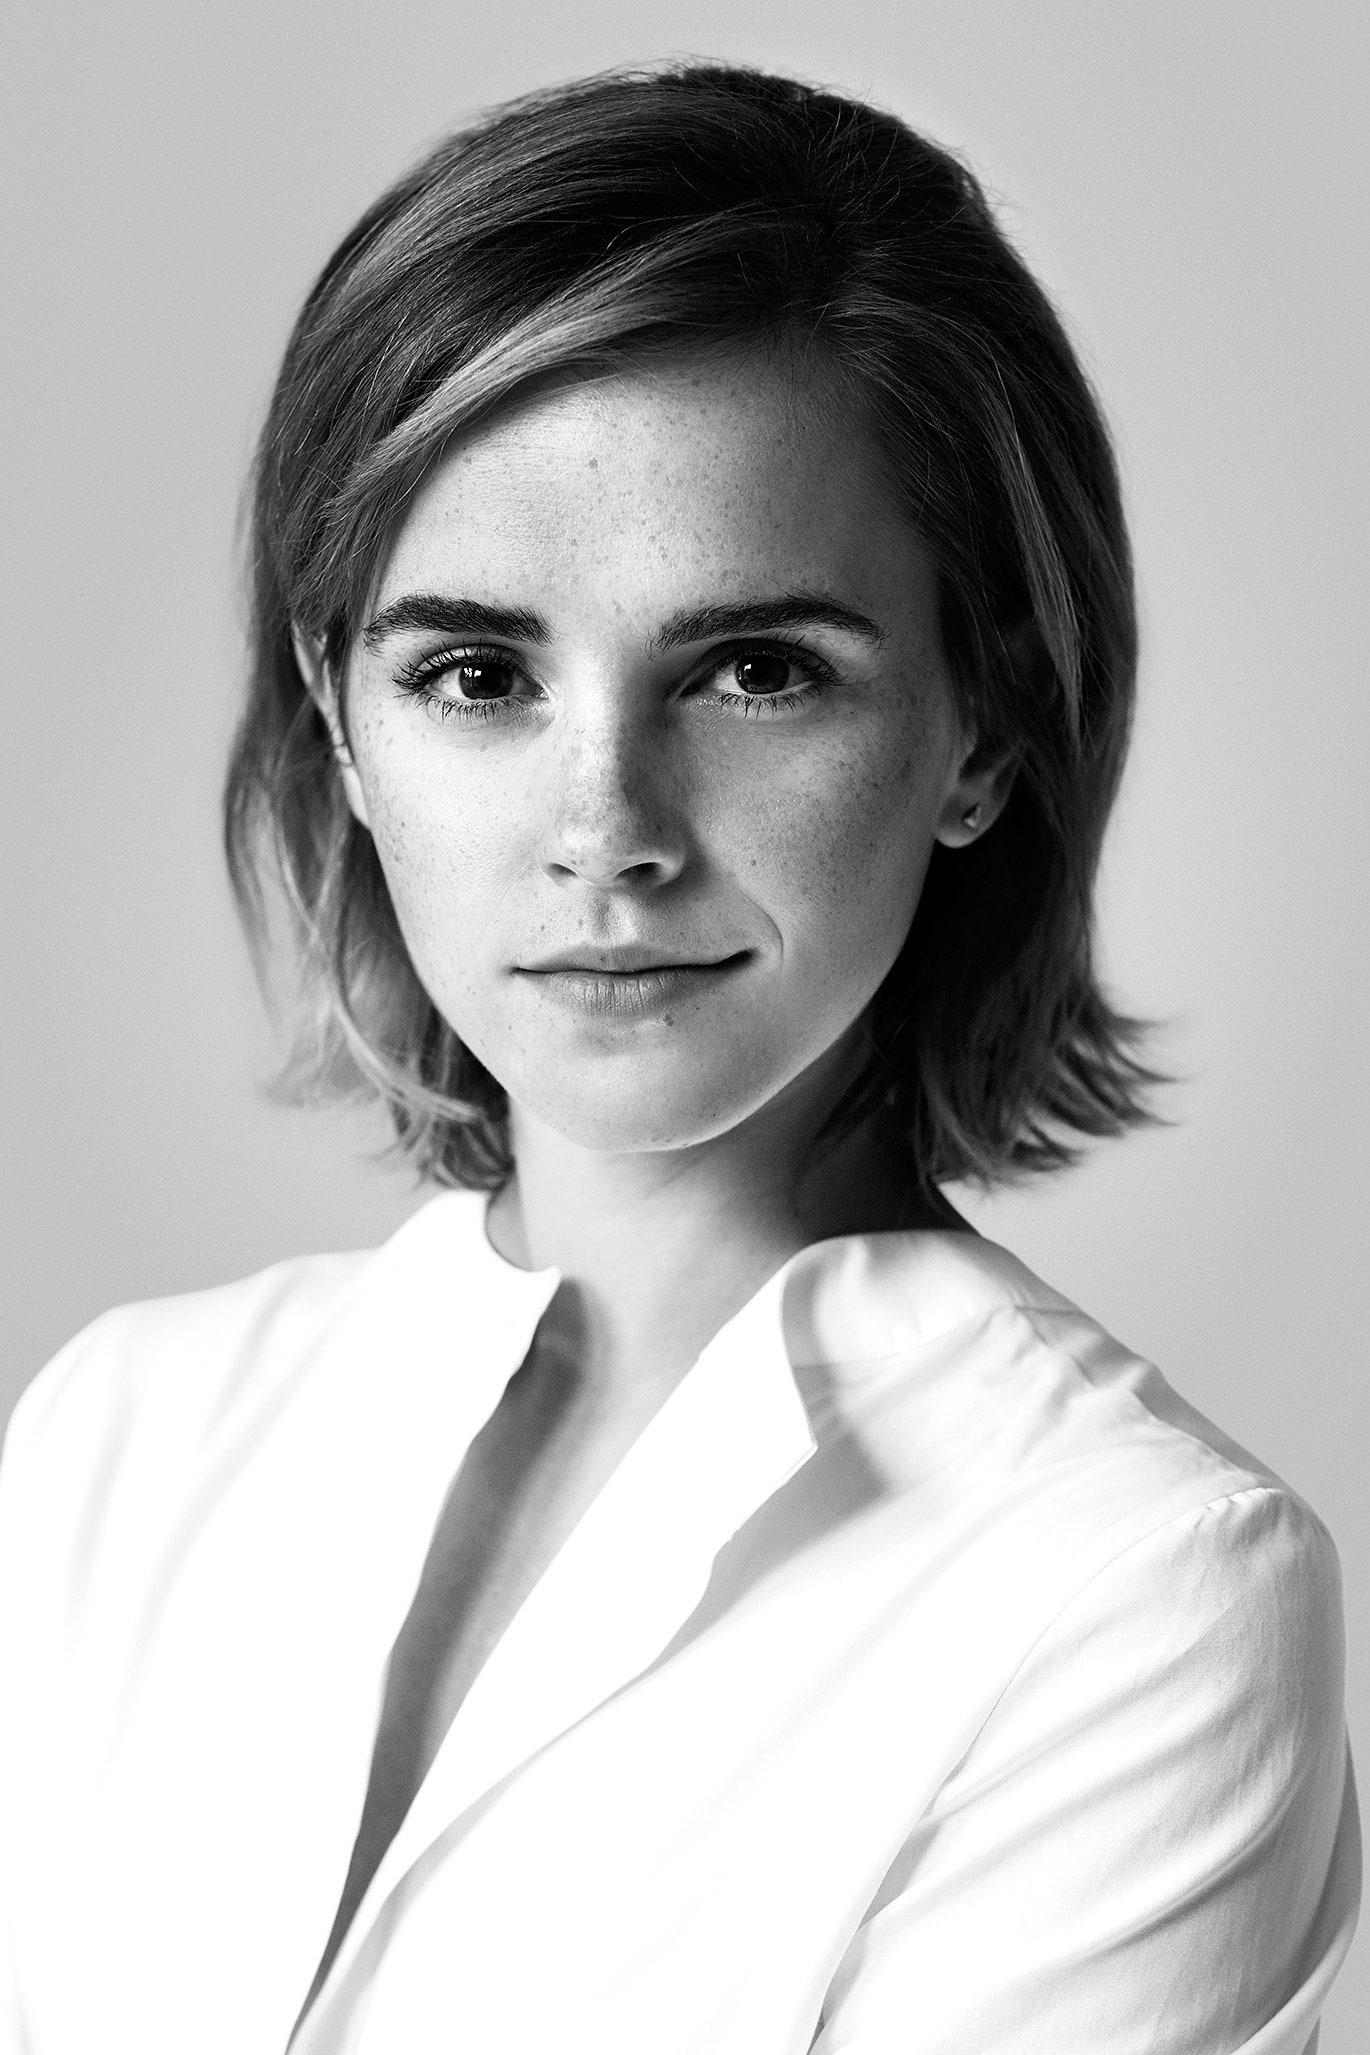 Emma Watson sustentability kering